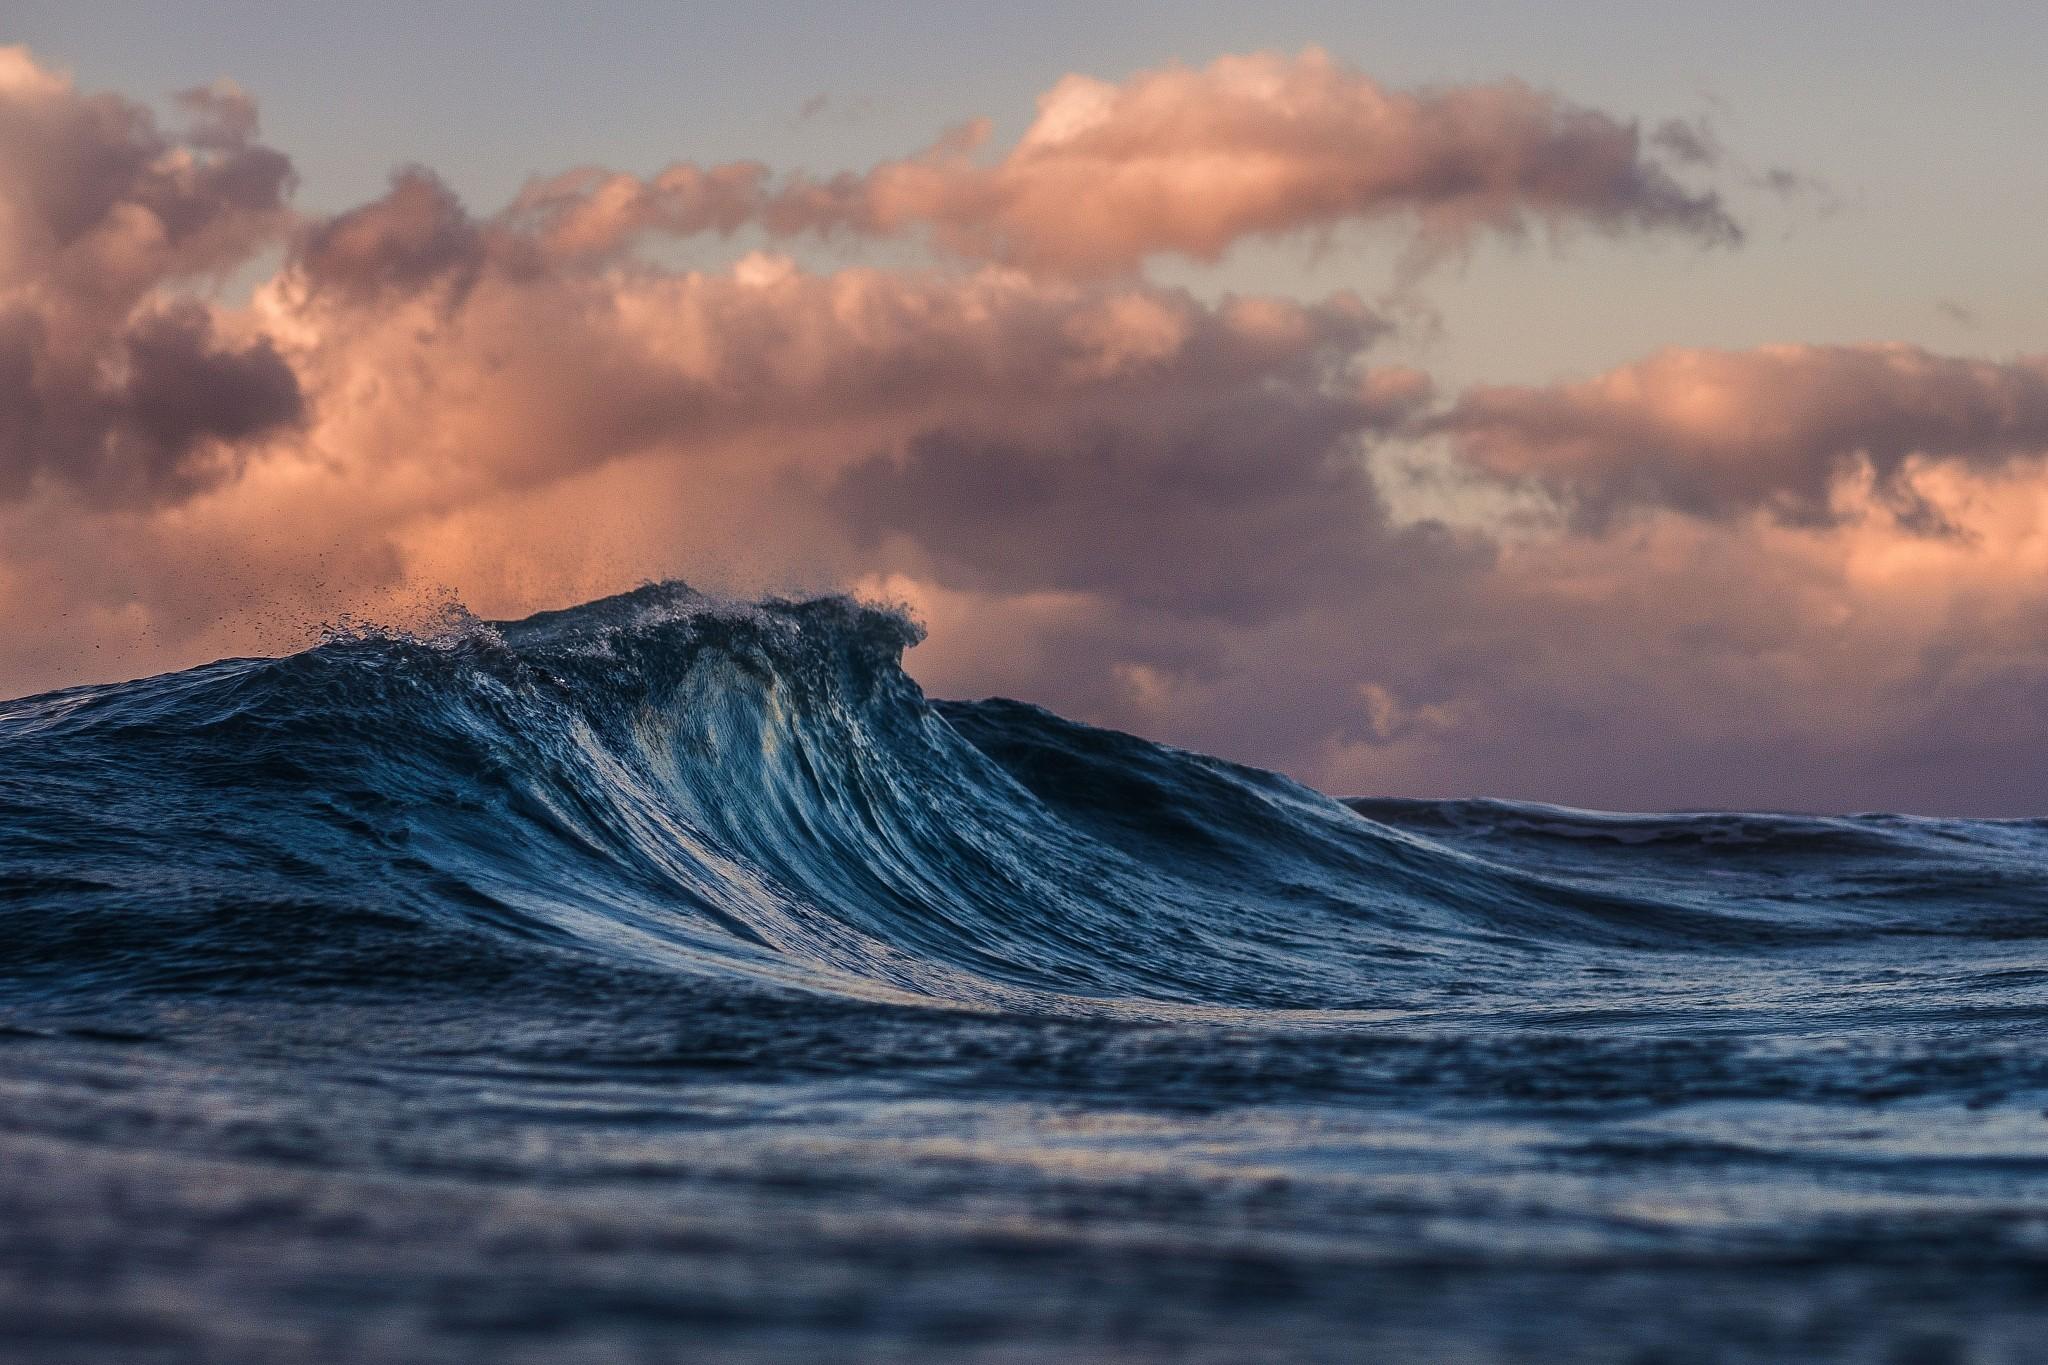 Θάλασσα Ψυχική Υγεία: Ο ωκεανός έχει την φυσική δύναμη να ηρεμεί το σώμα και το πνεύμα [vid]